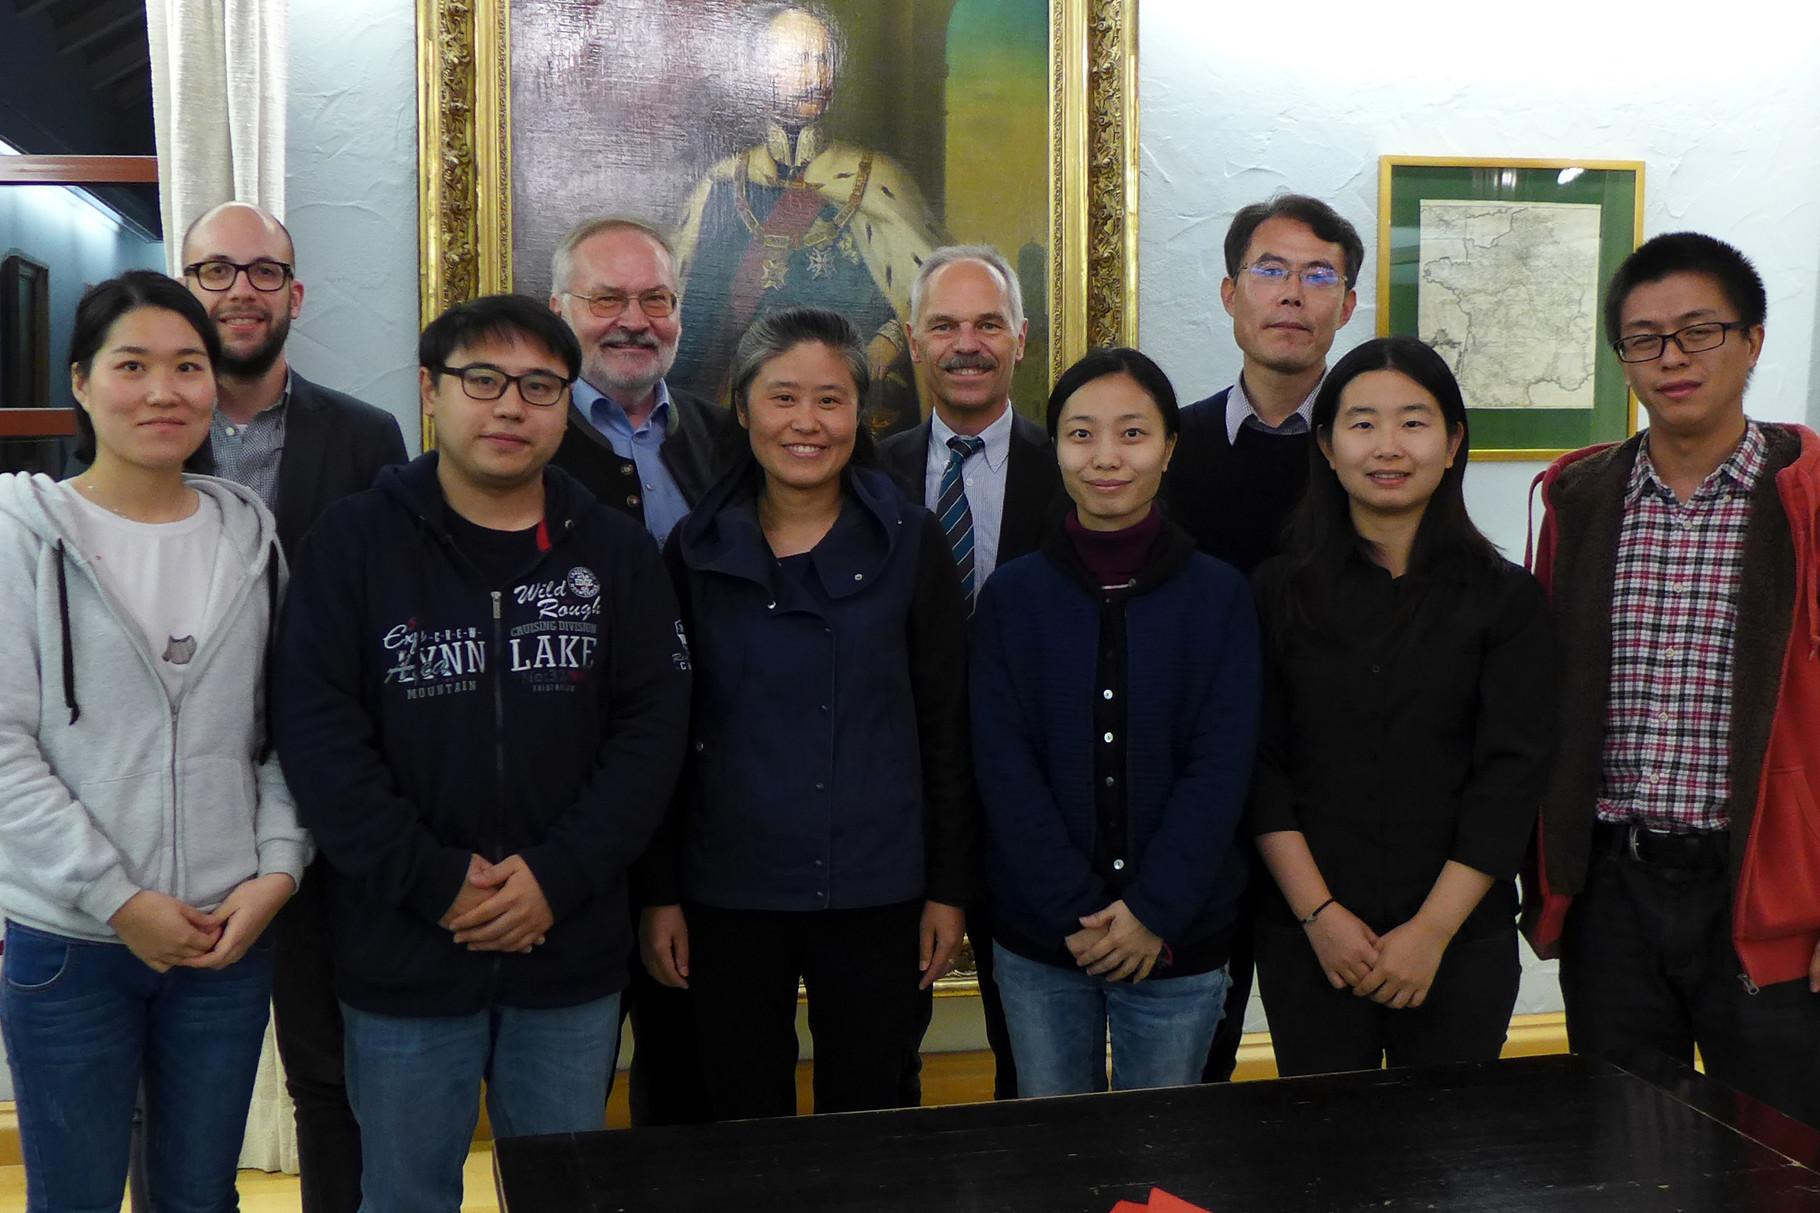 17.11.2015: Bgm. Grubwinkler empfängt chin. Lehrerdelegation im Eggenfeldener Rathaus